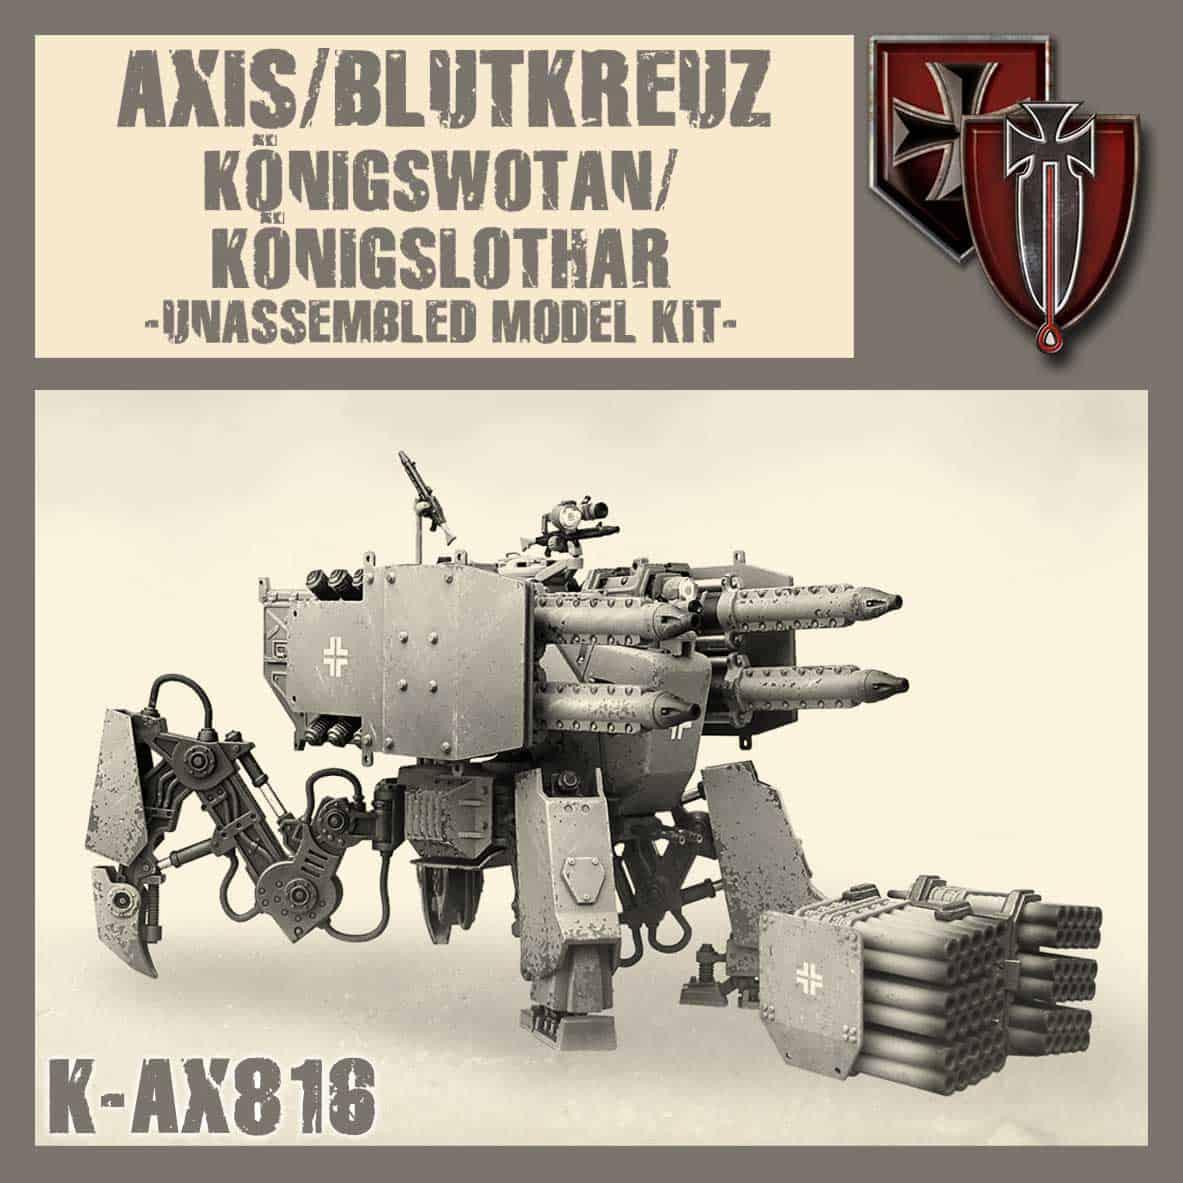 Zdjęcie KönigsLothar/KönigsWotan Kit